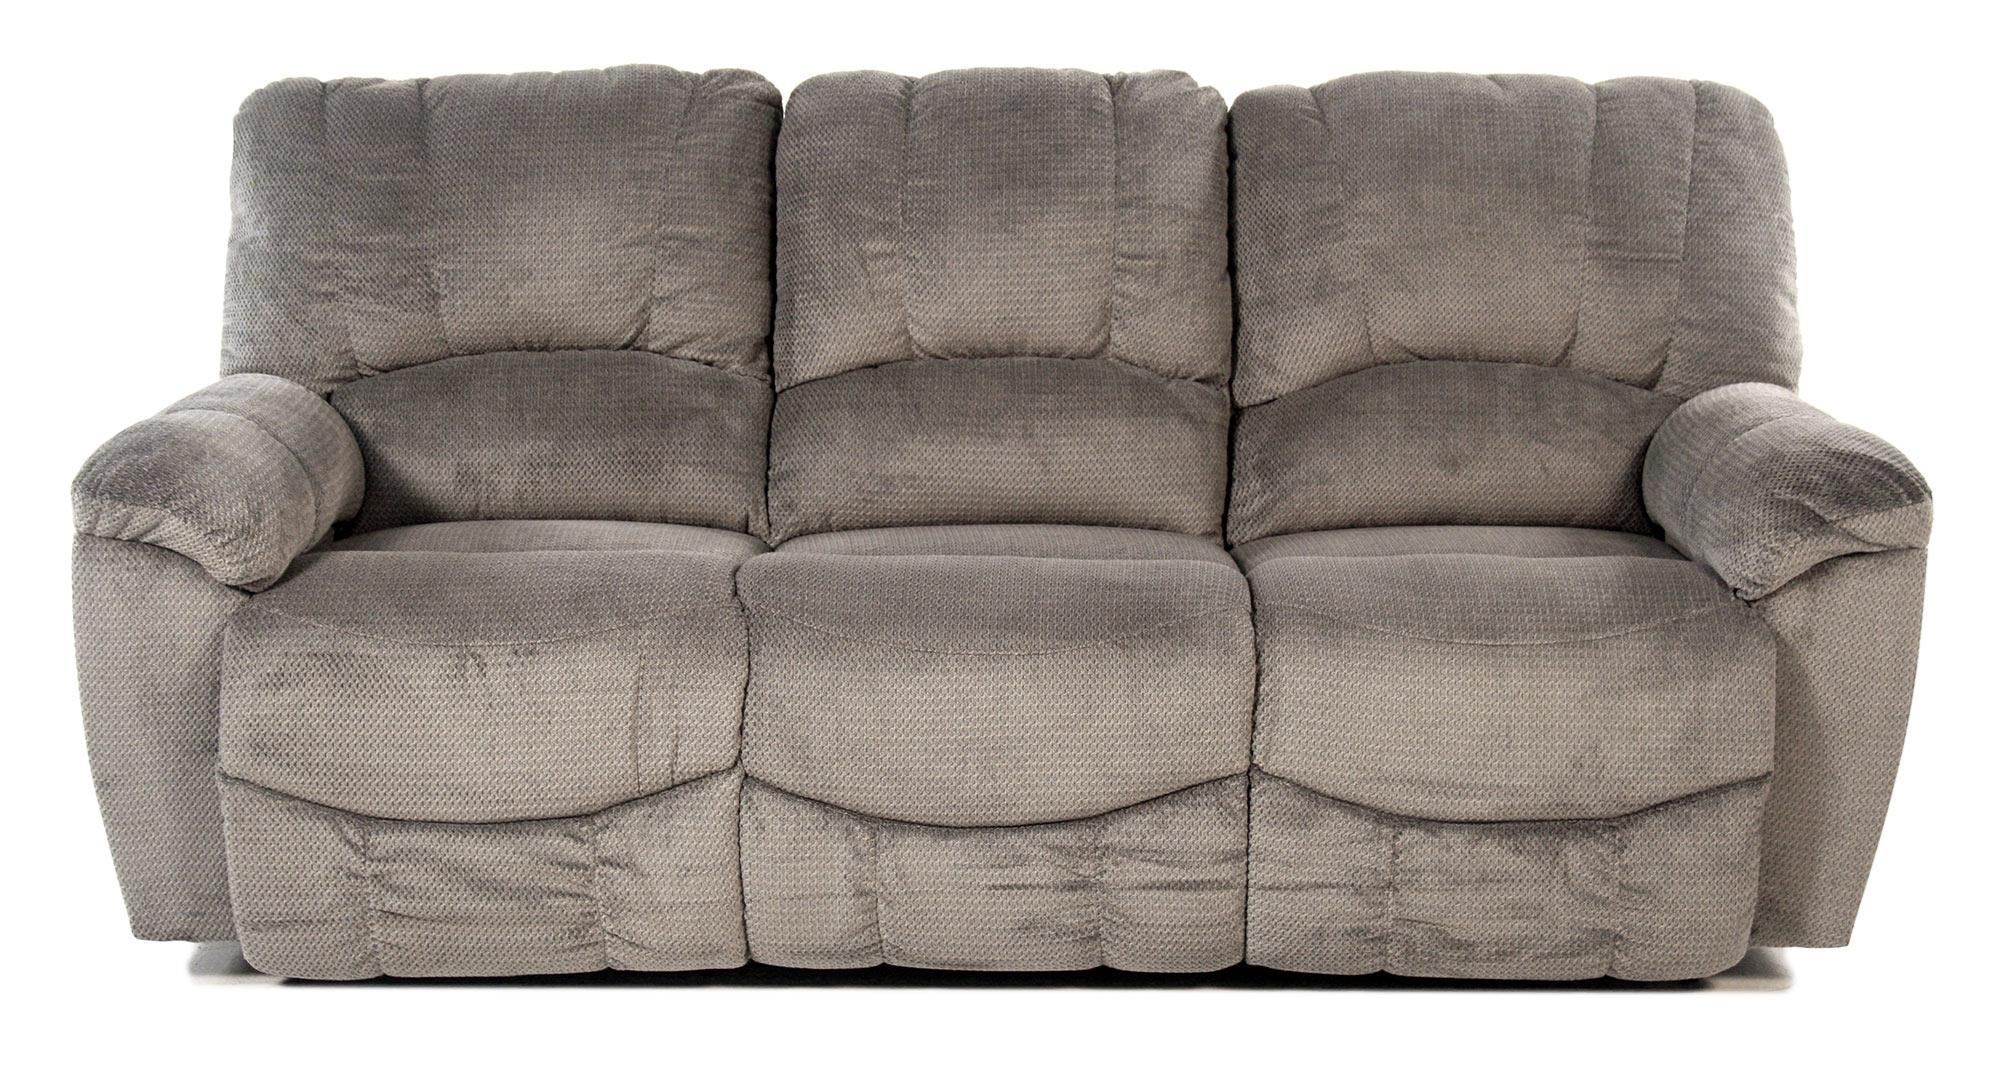 La Z Boy NautilusLa Z Time® Full Reclining Sofa ...